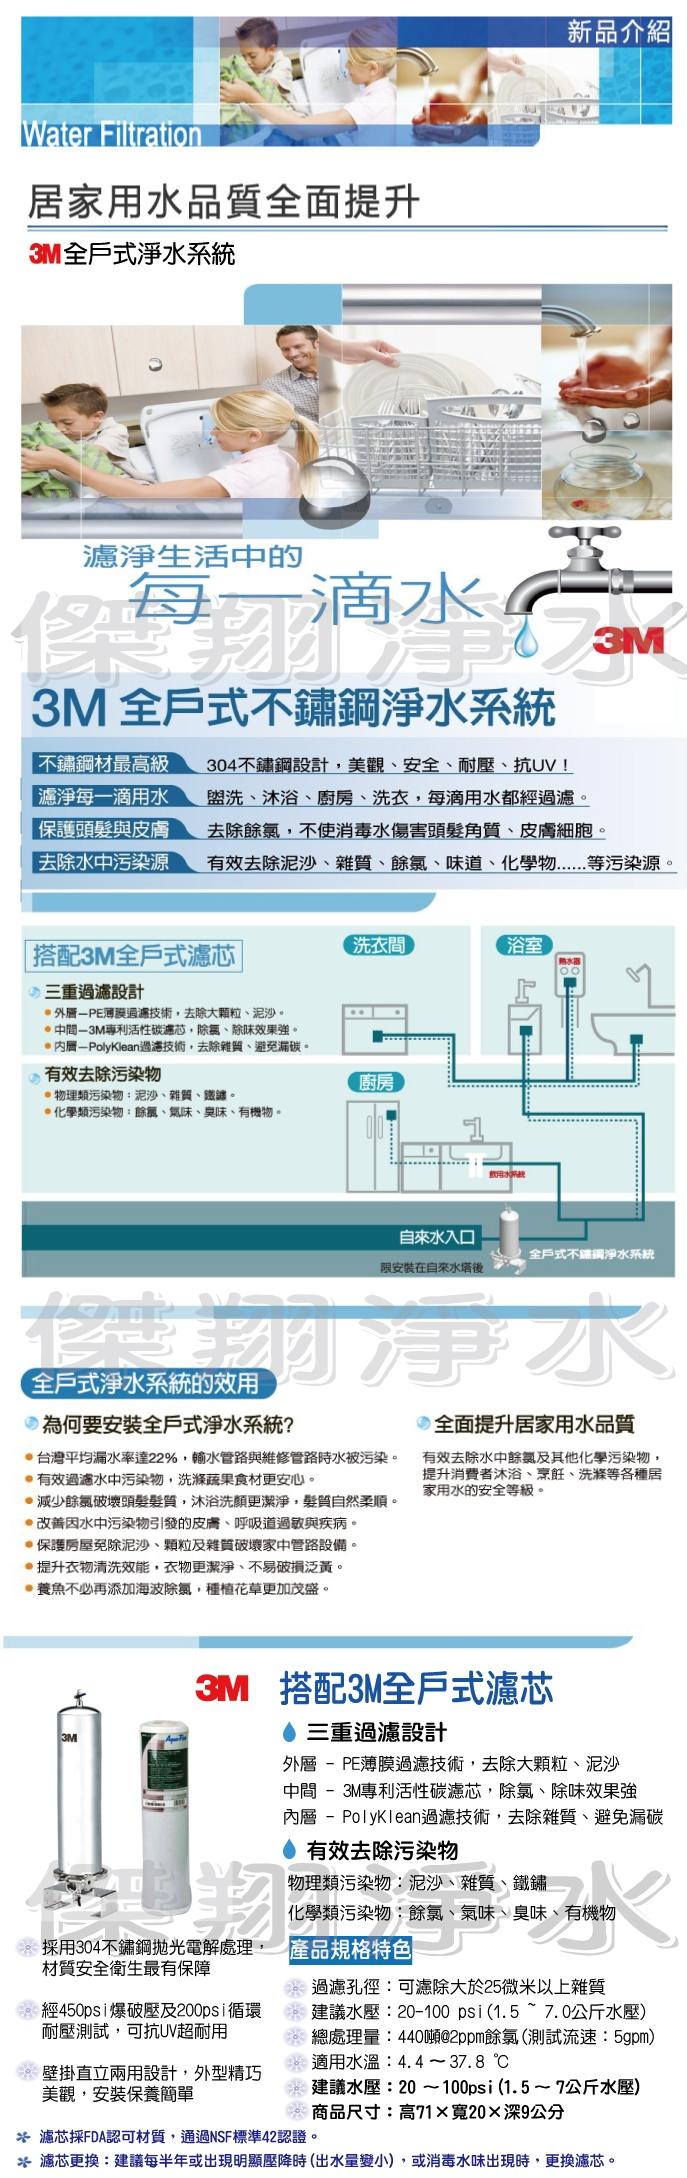 SS802 全戶式不鏽鋼淨水系統